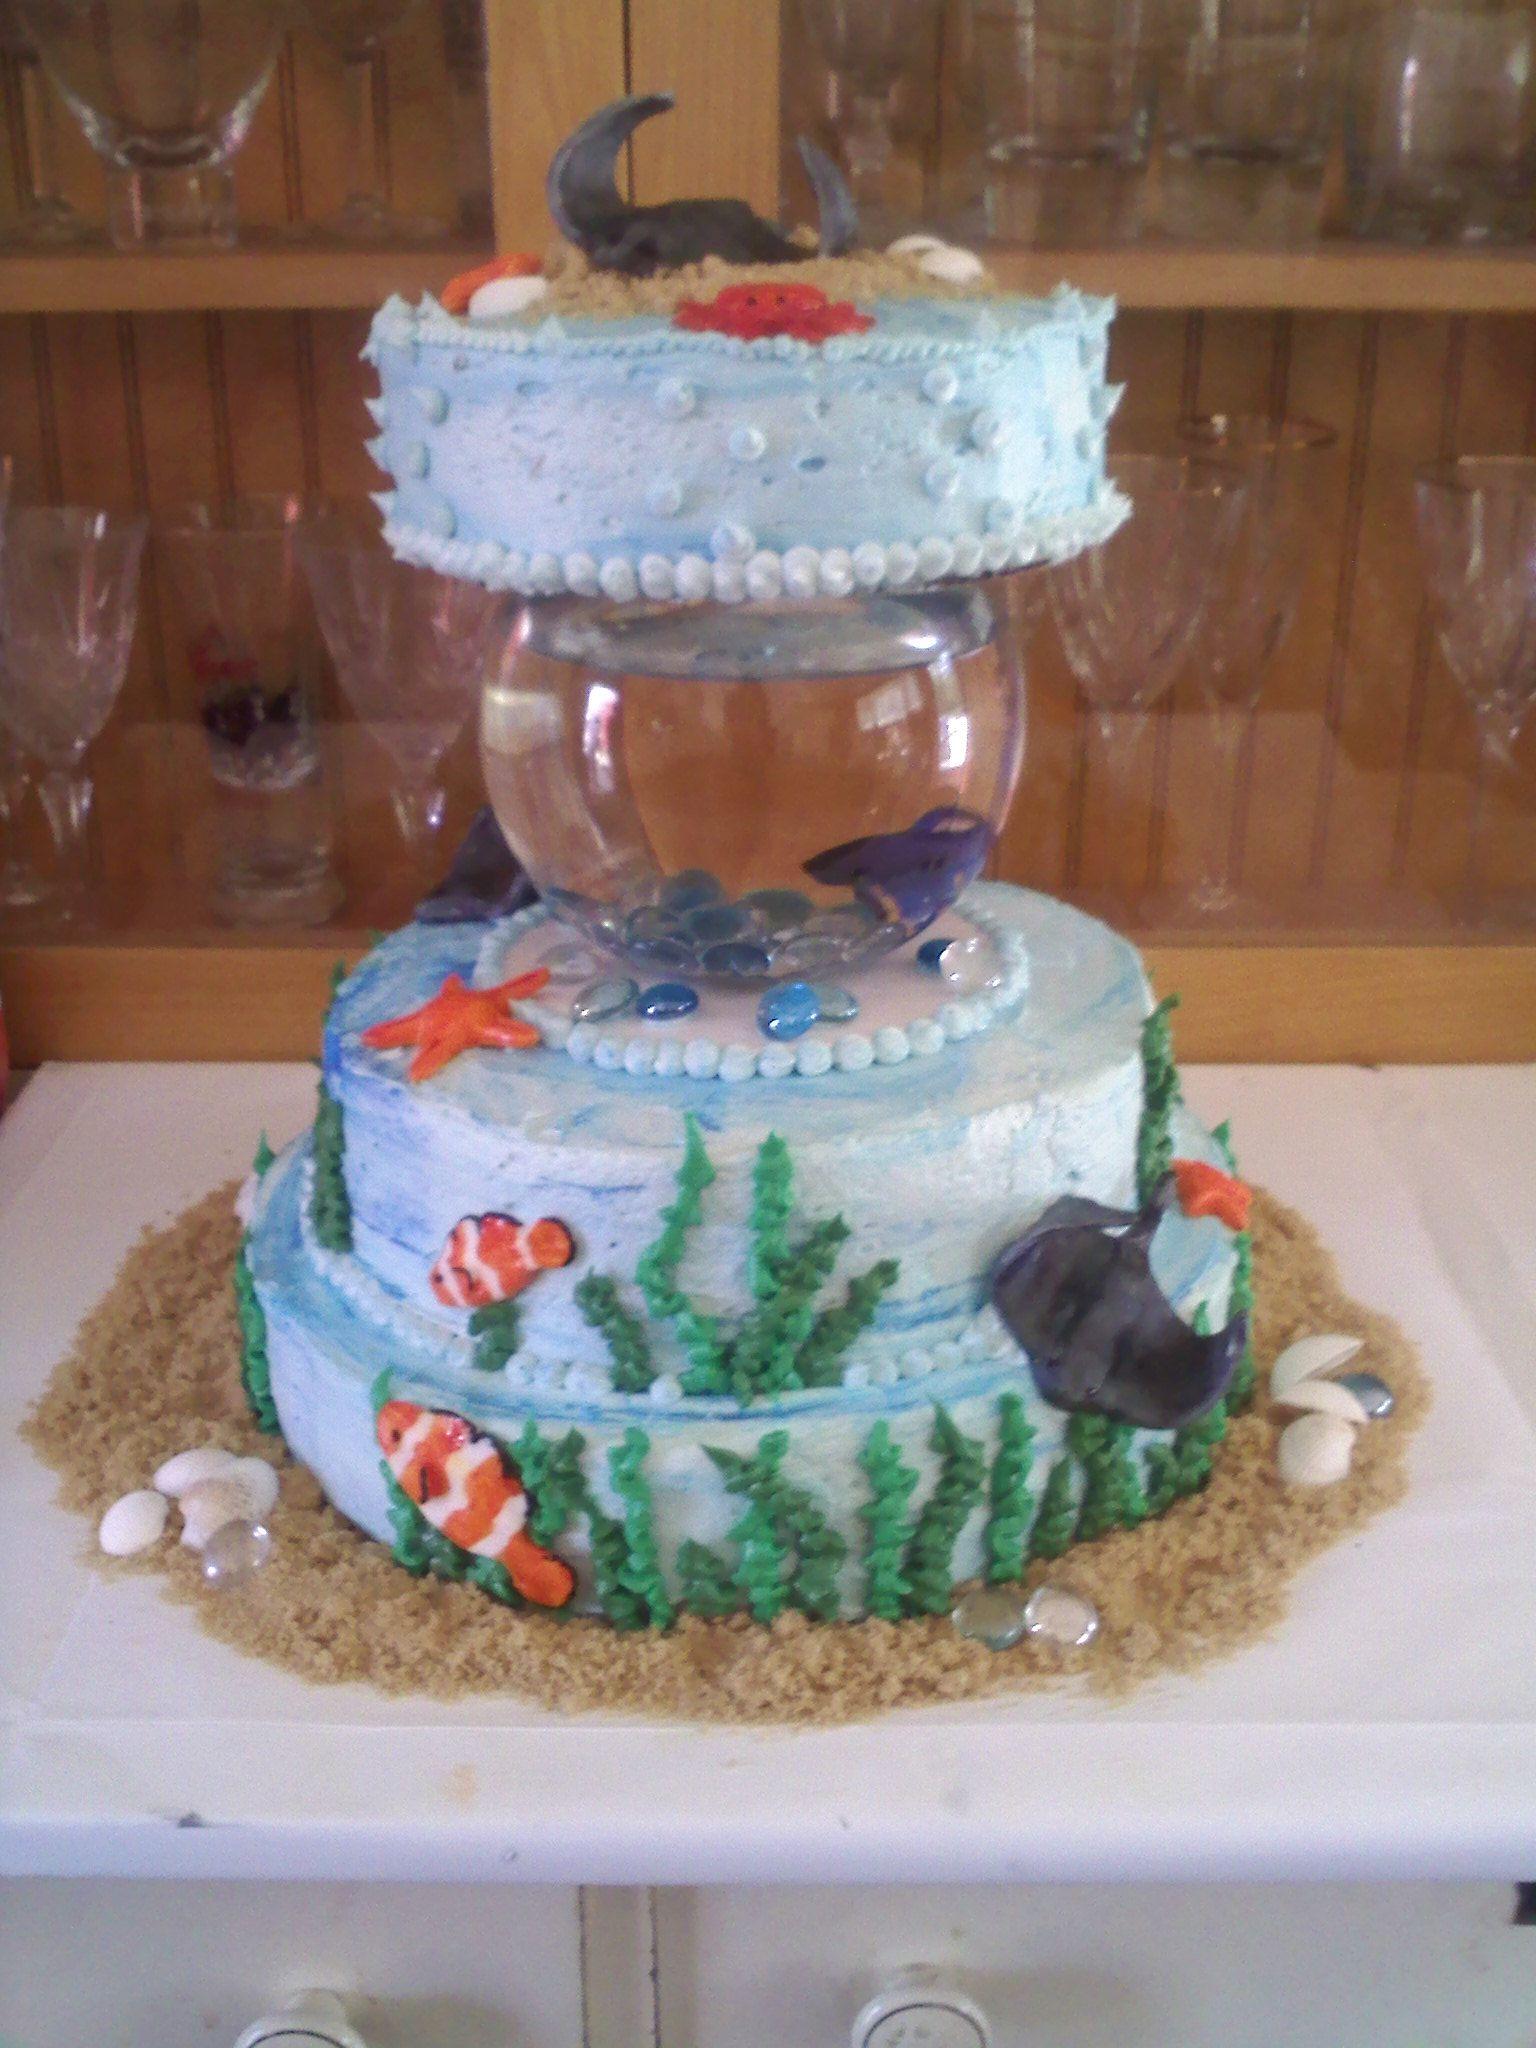 Betta fish birthday cake cakes pinterest fish for Fish birthday cakes